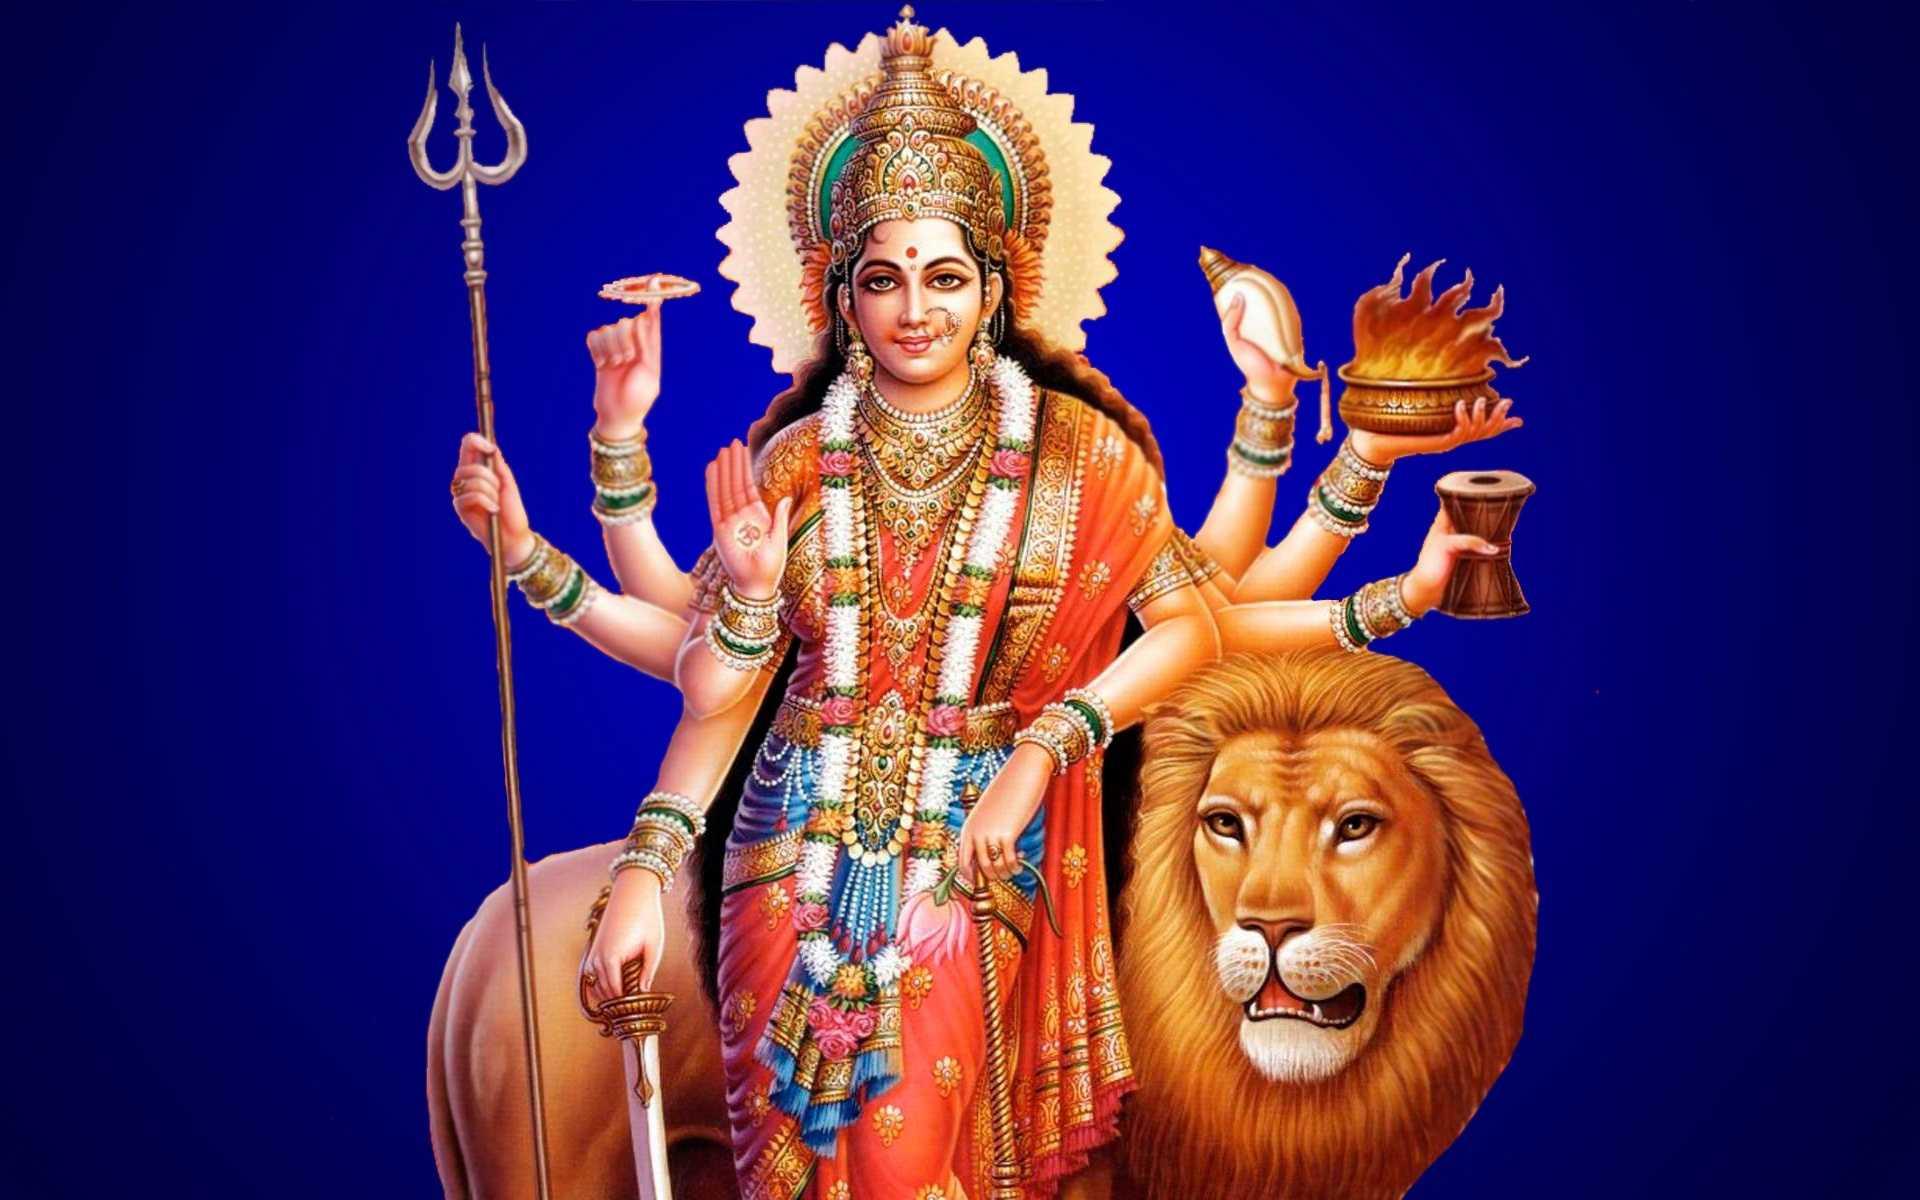 Hindu Goddess Maa Durga Mata HD Sherawali Wallpaper - Maa Durga Ashtbhuja Devi Hindu Goddess Maa Durga Mata HD Sherawali Wallpaper. Mata Durga Bhawani Meri Ambe Wali Maa Durga Image.